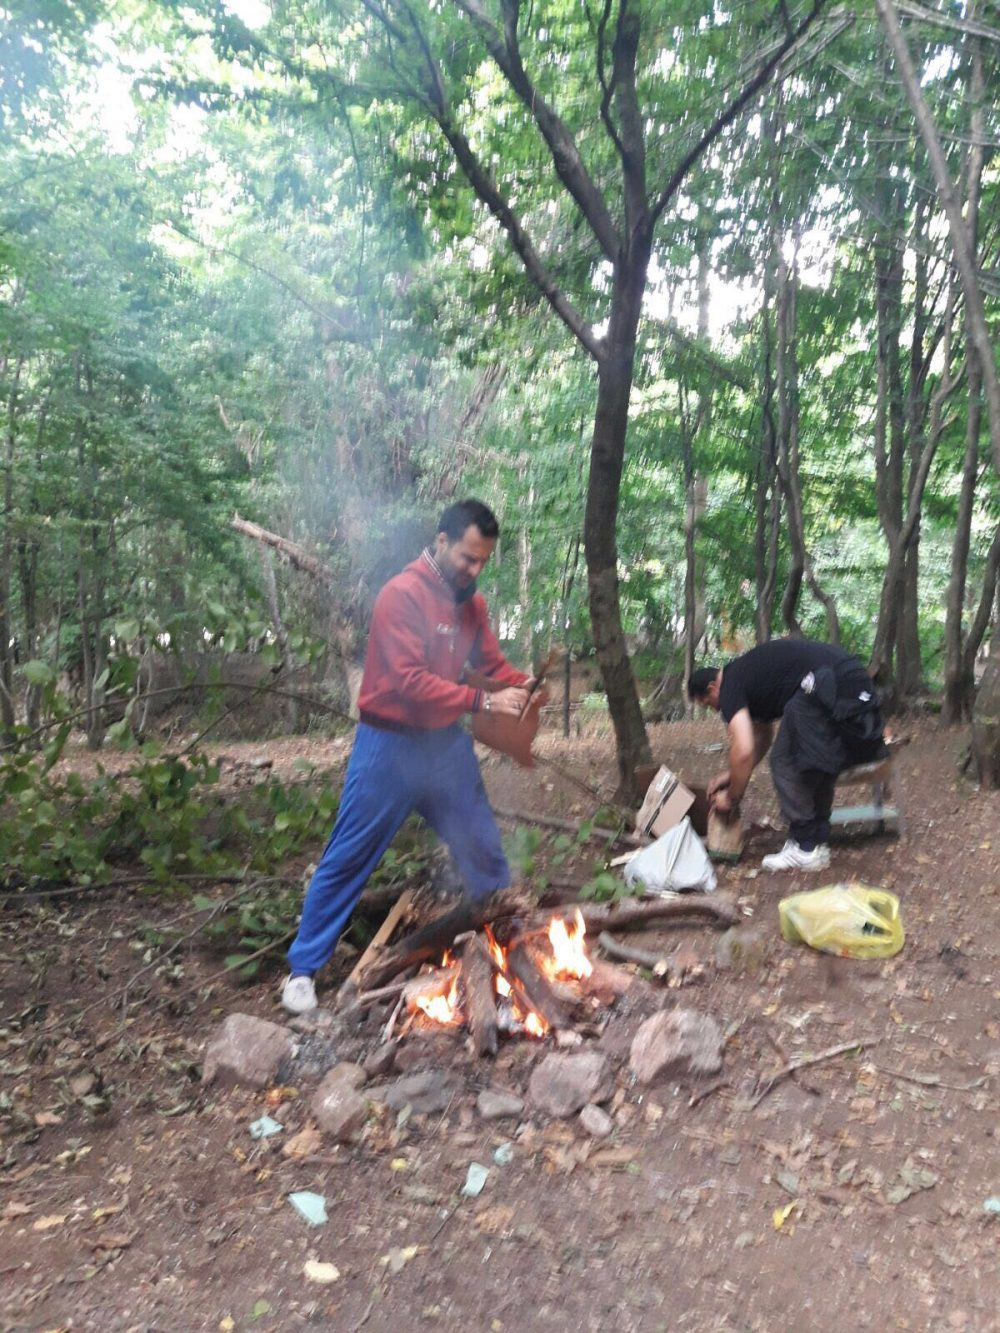 Çınarcık Erikli Yaylası Kamp Doğayla İçi içe Yalova, Çınarcık, Erikli Yaylası, Çifte Şelaleler Kamp